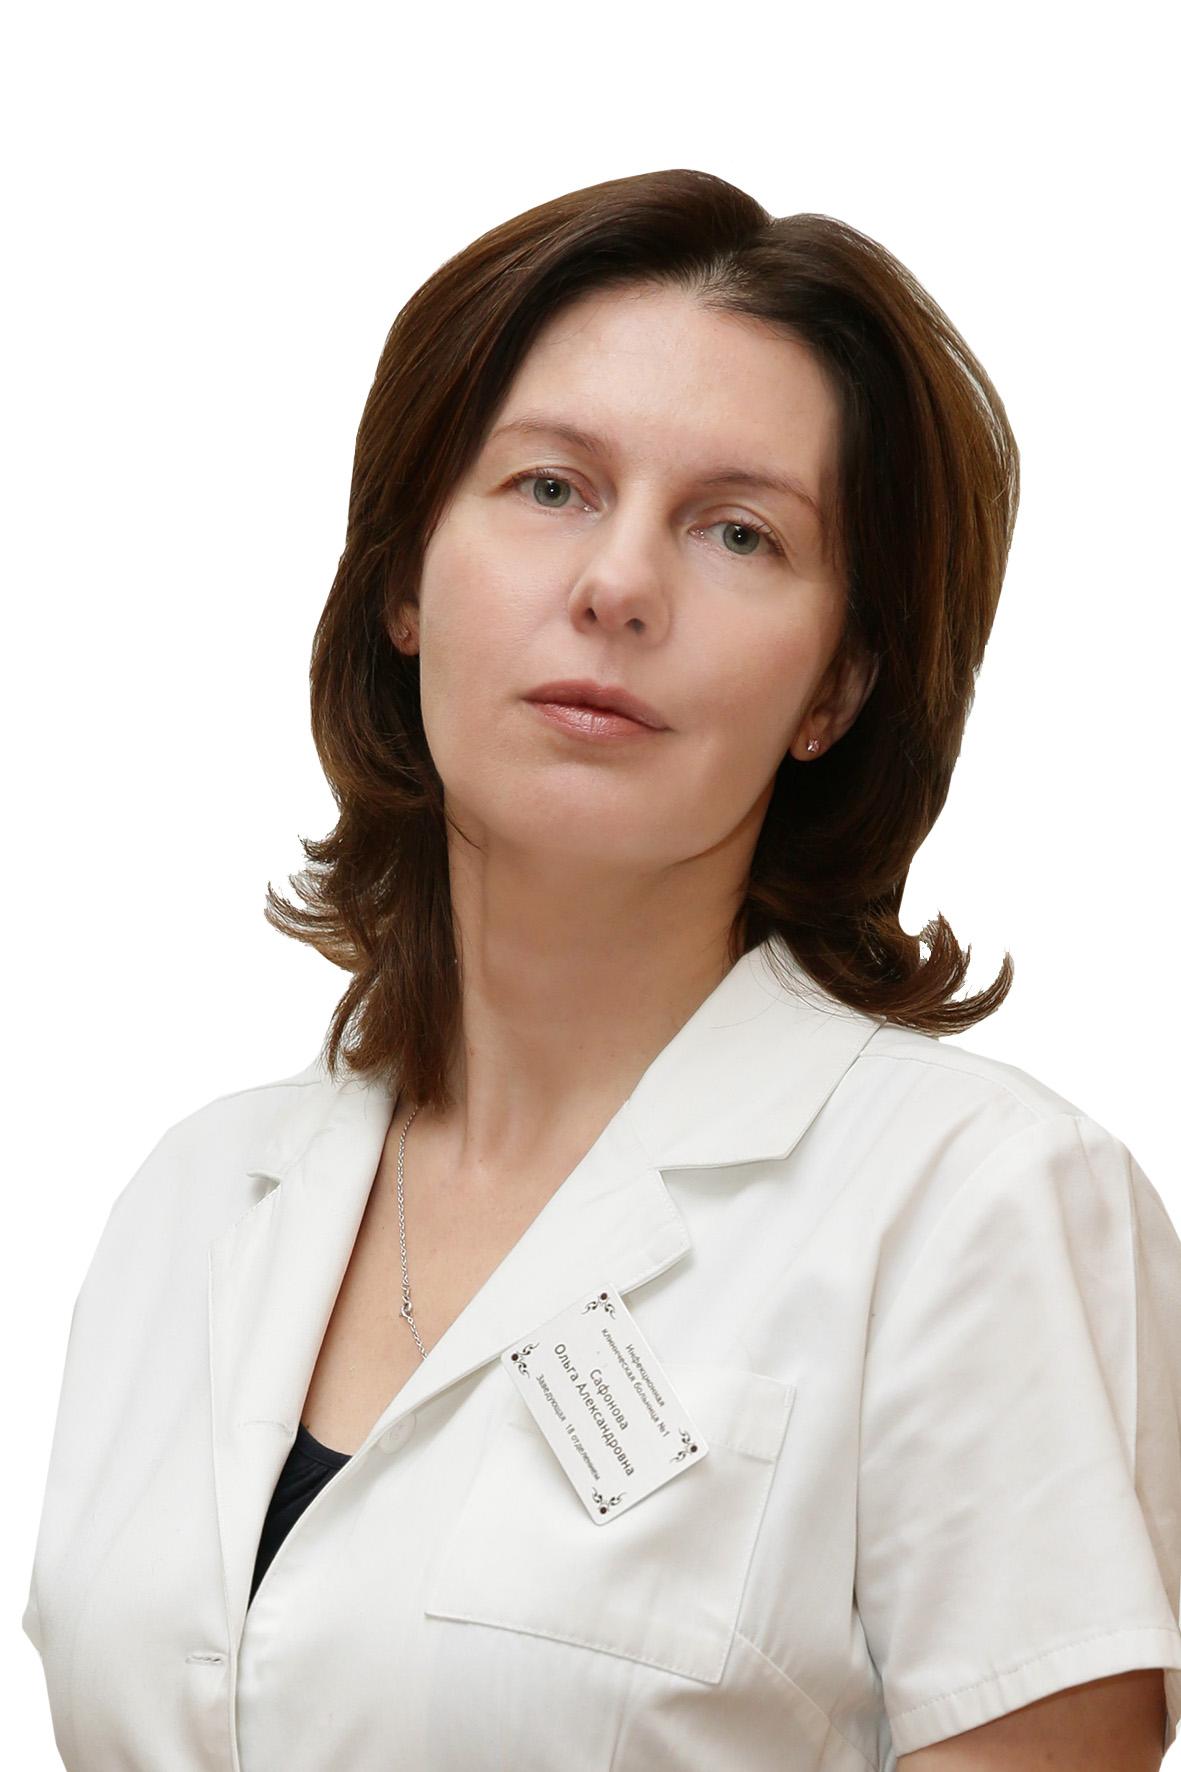 Запись на прием врачу полевской